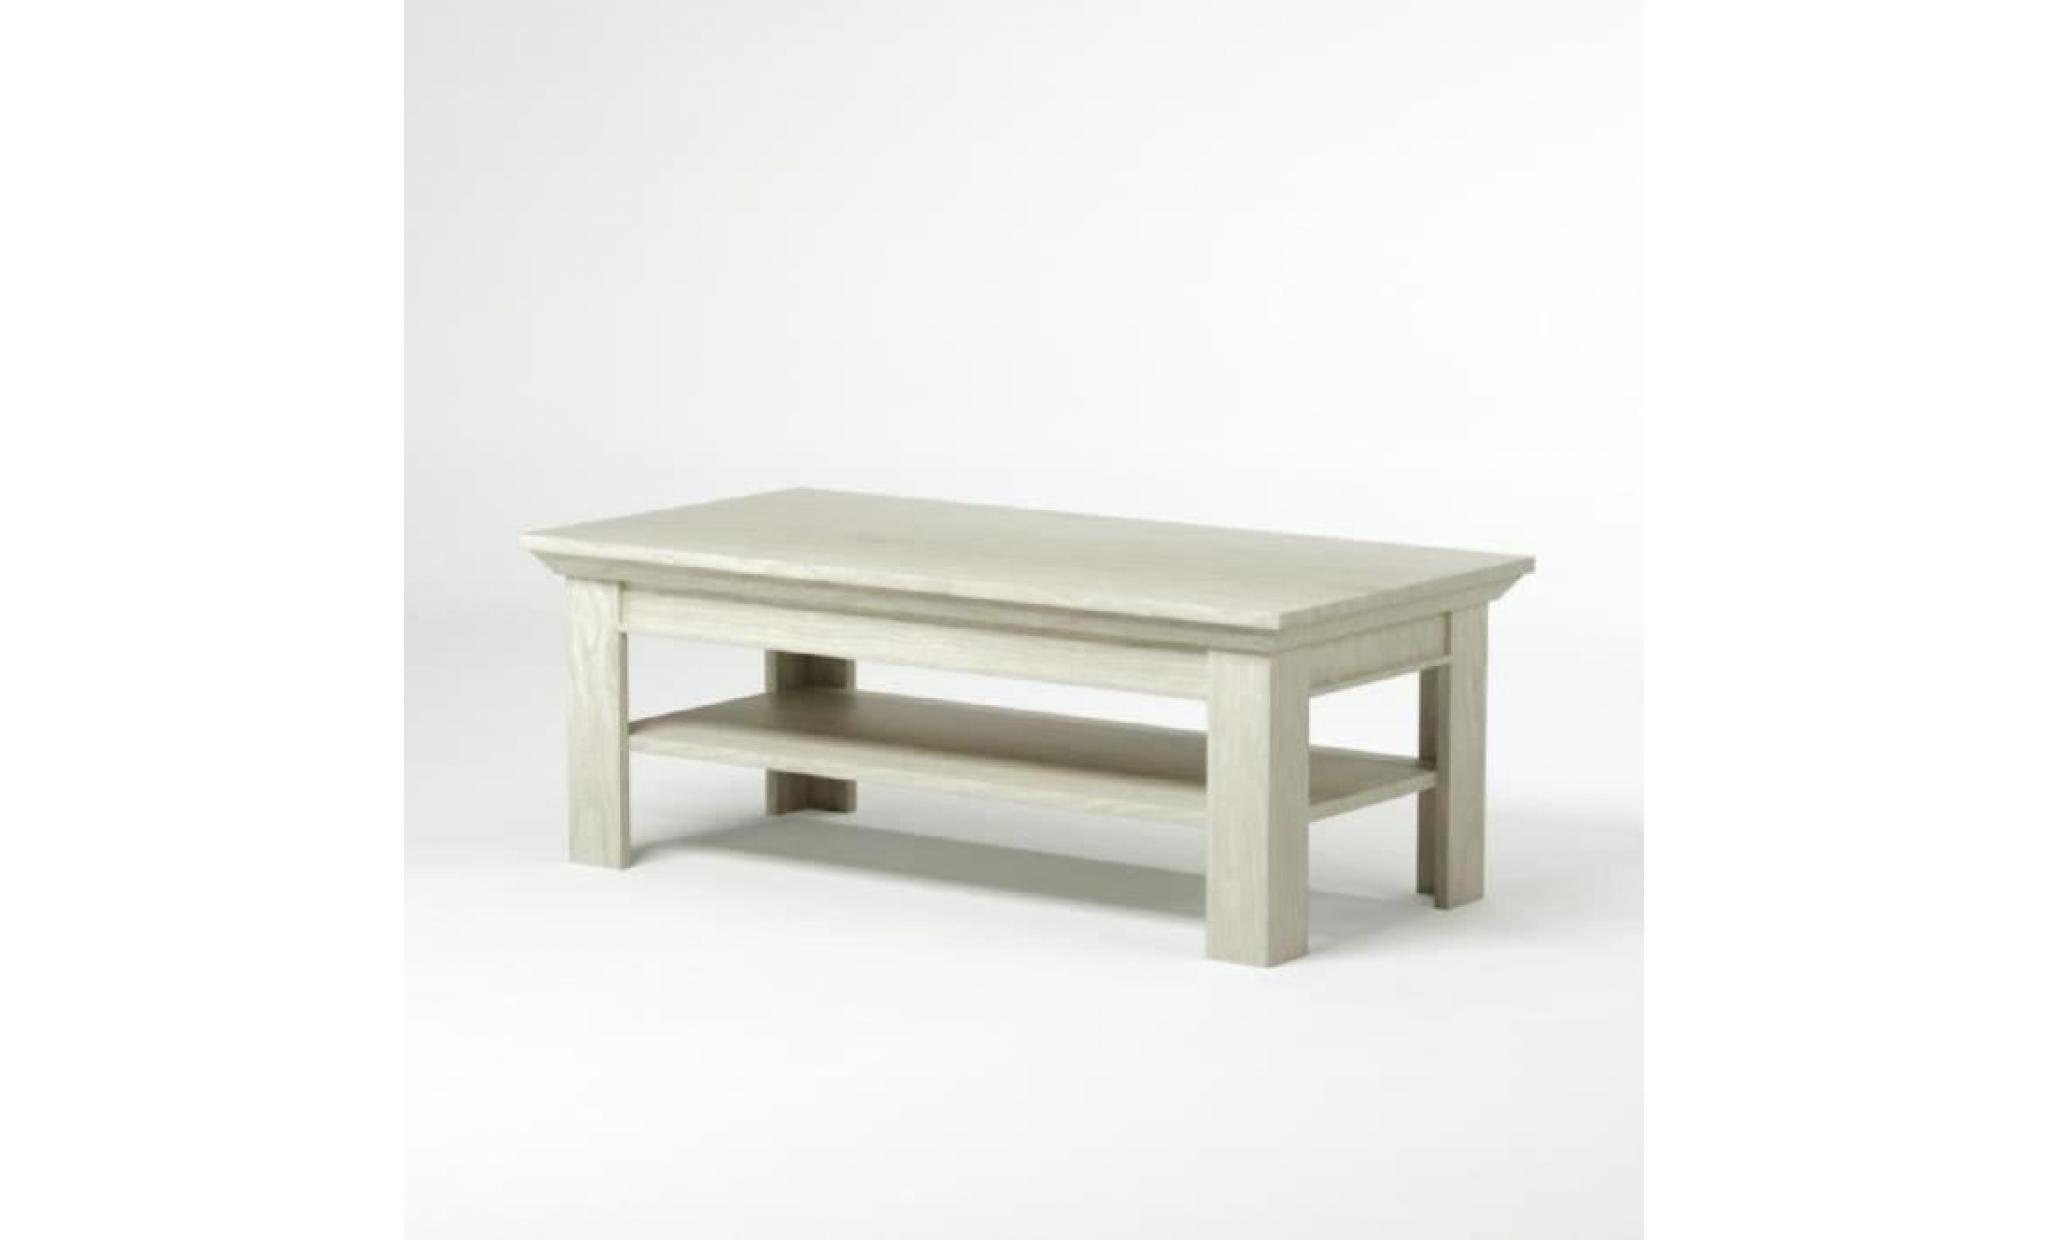 kashmir table basse classique decor pin blanc mat l 120 x l 60 cm achat vente table basse pas cher couleur et design fr